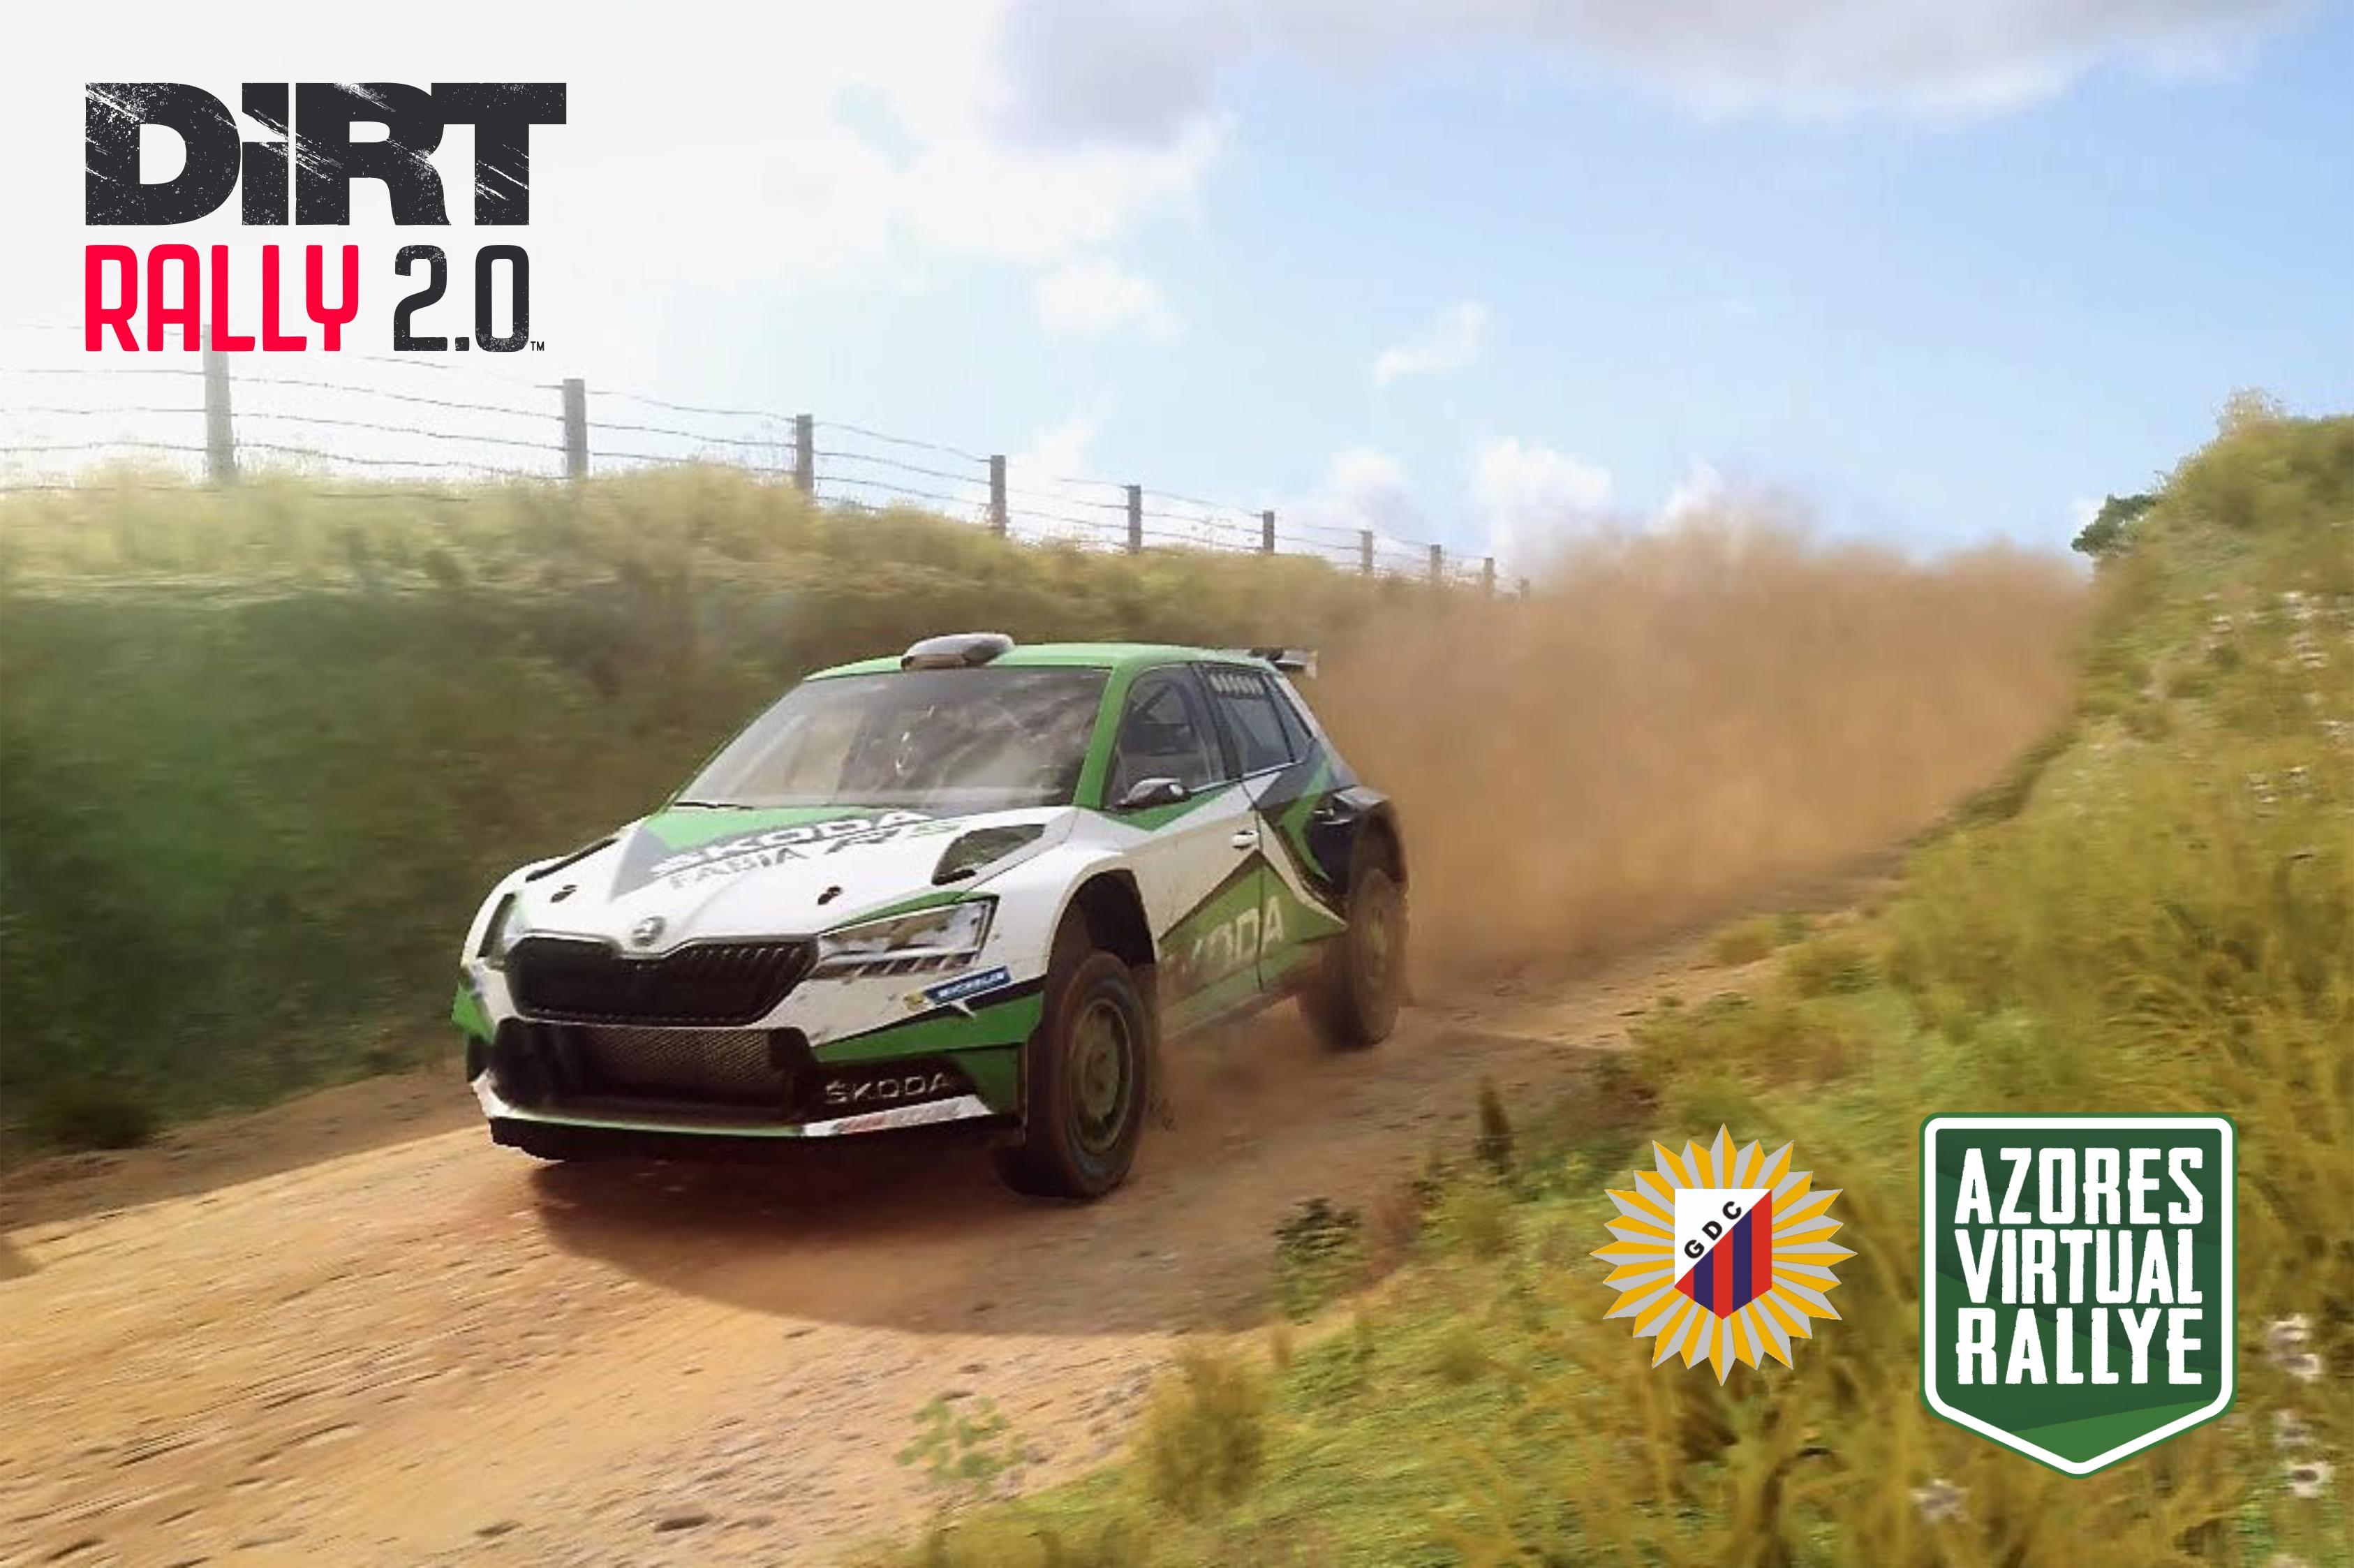 Azores Virtual Rallye 2020